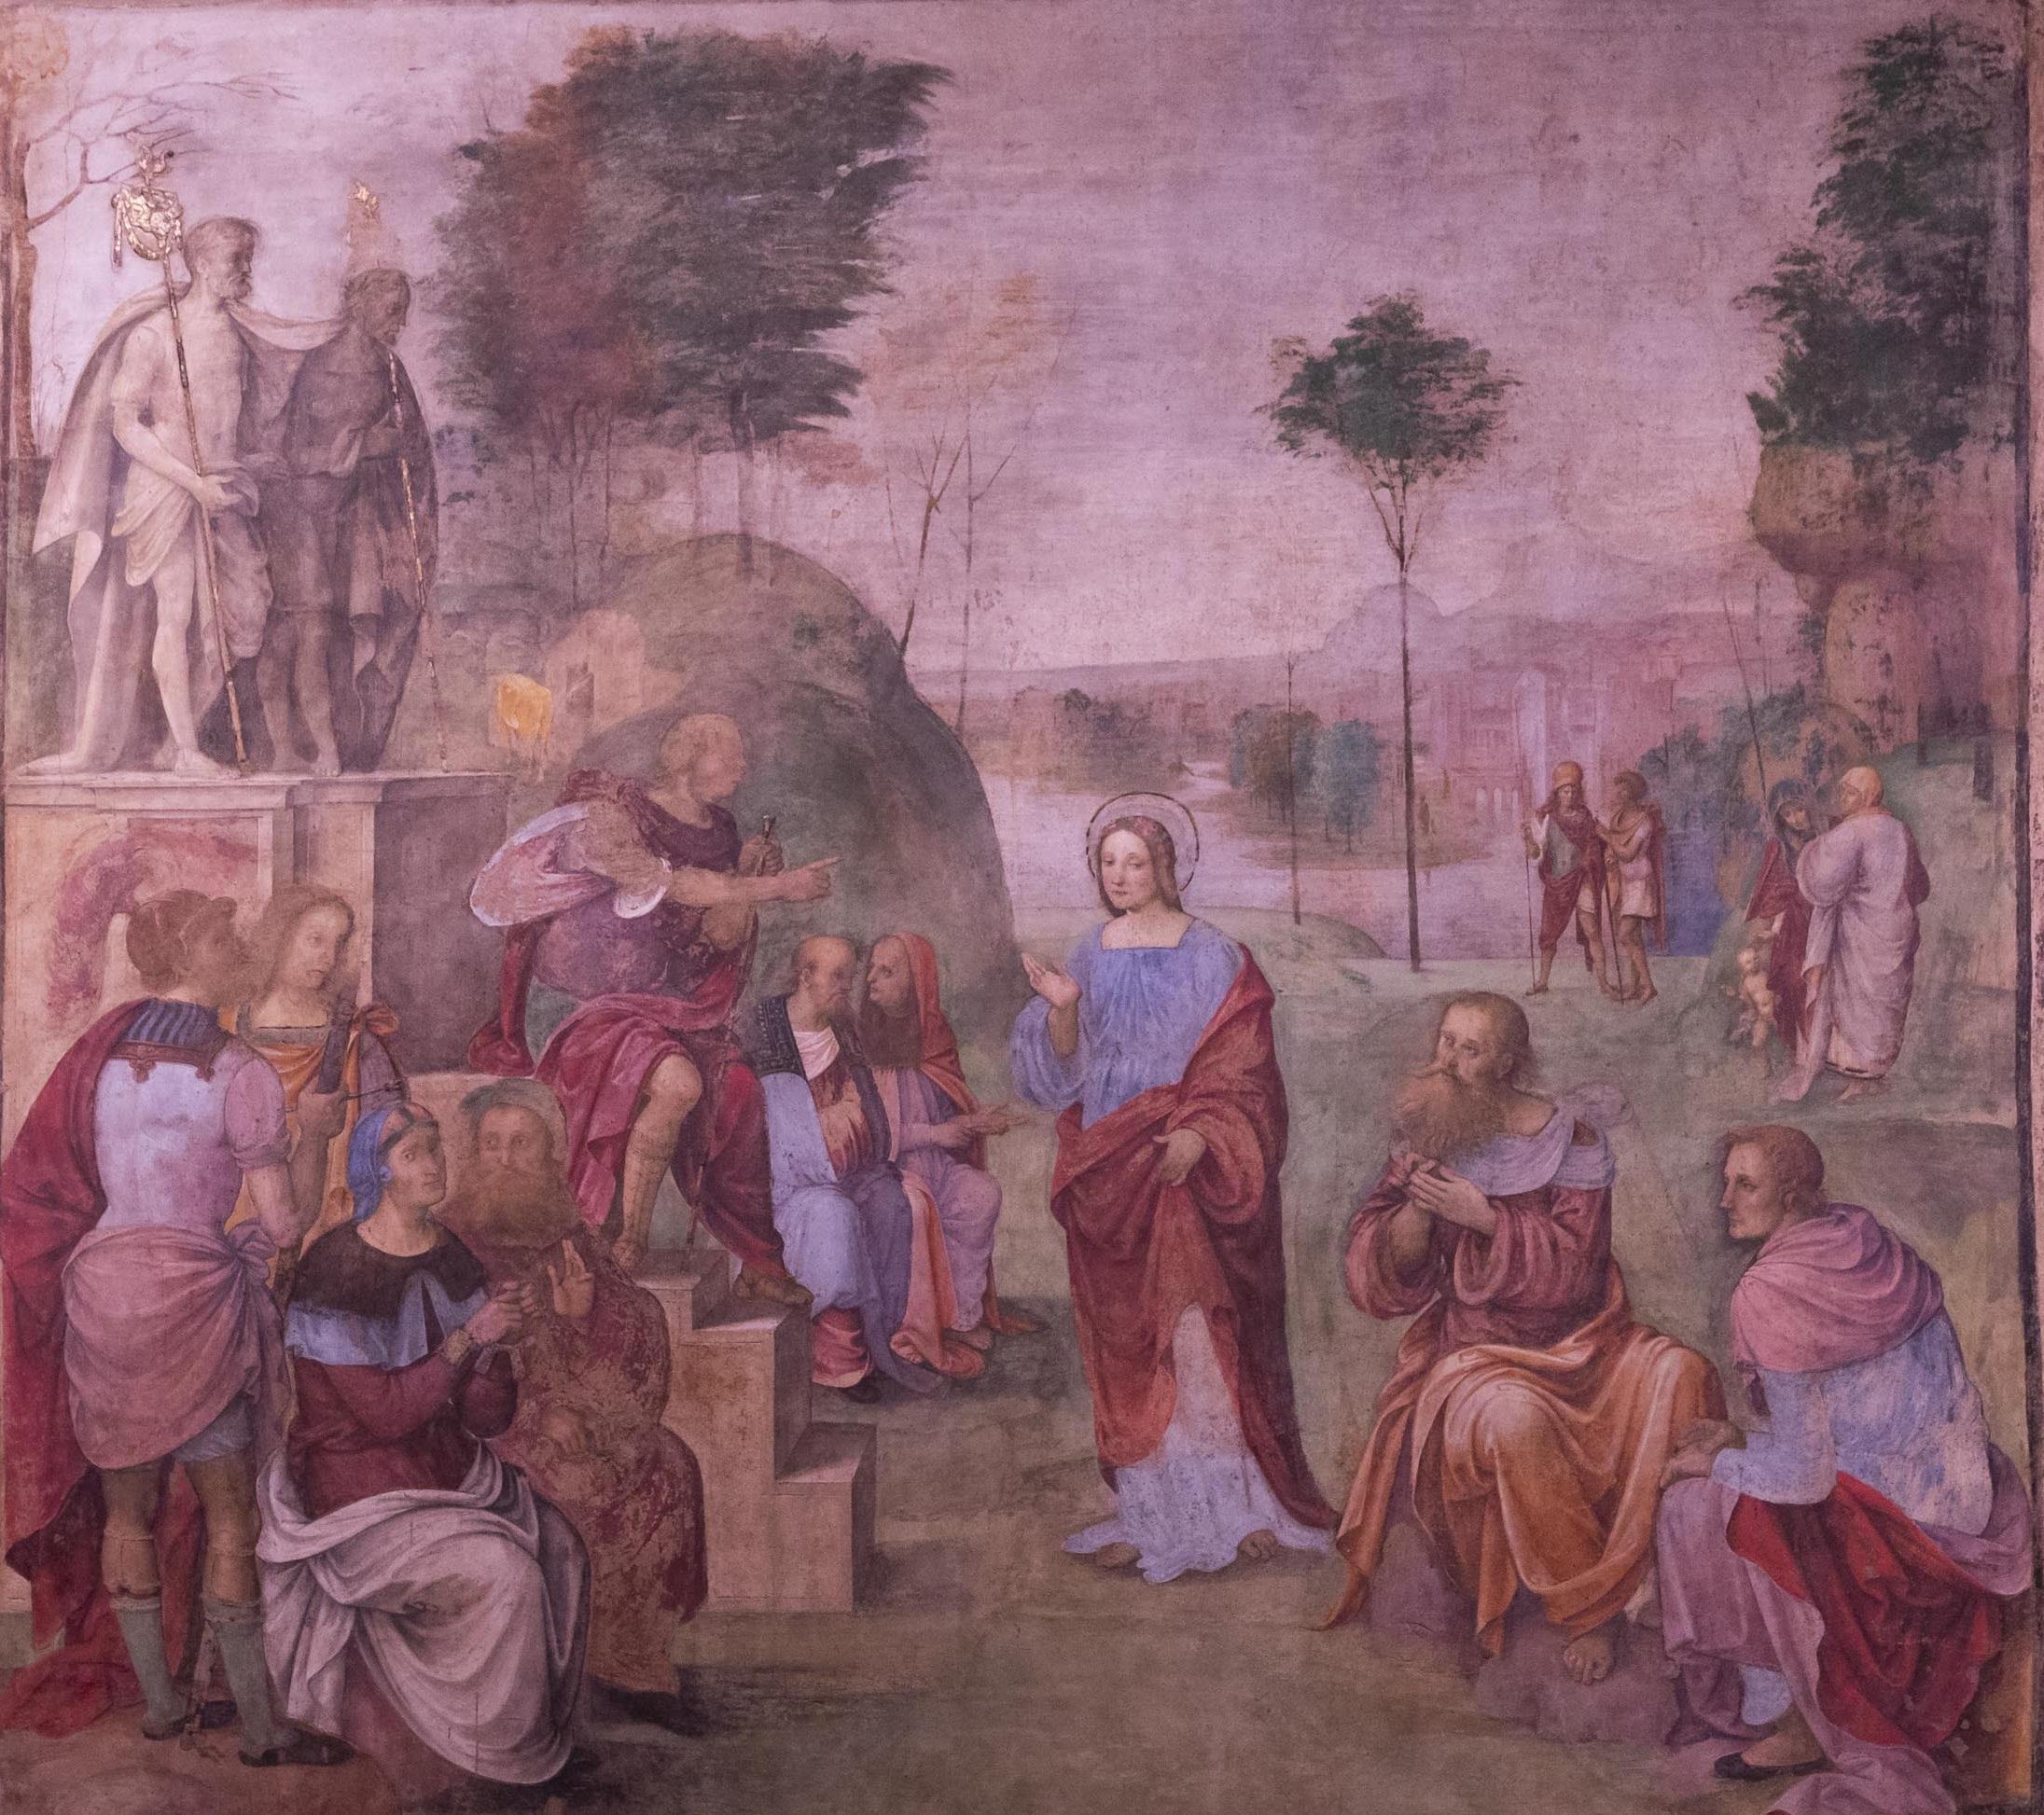 Amico Aspertini, Processo di Santa Cecilia, 1505-1506, Oratorio di Santa Cecilia, Bologna